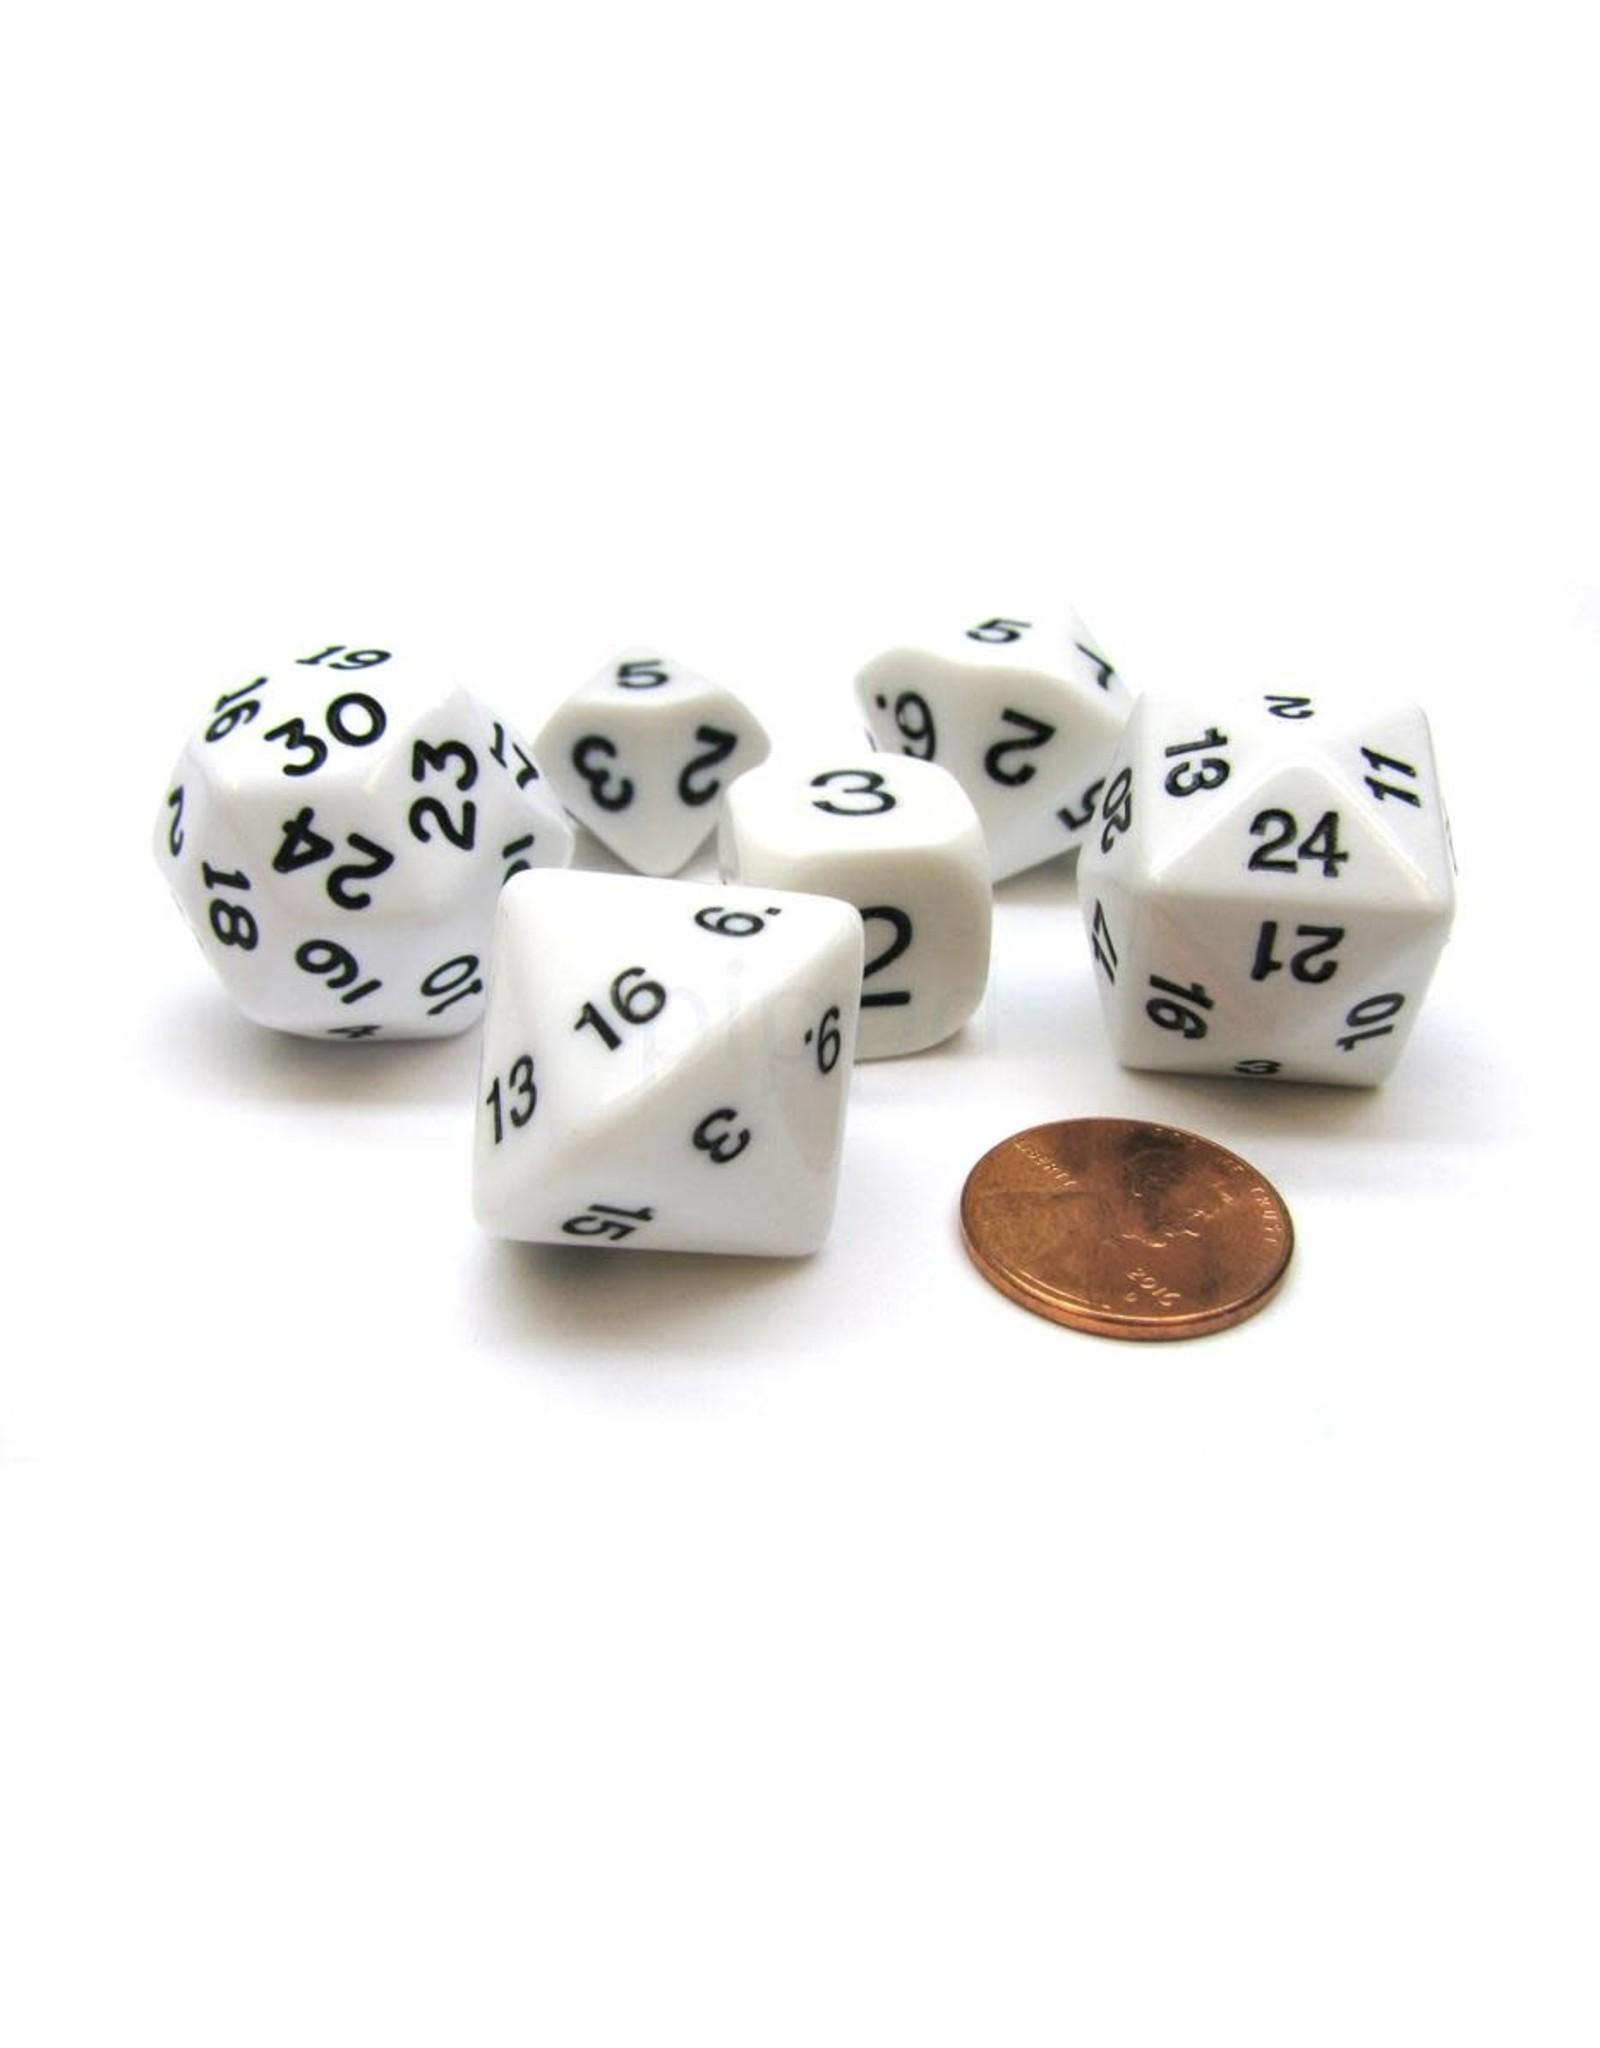 Koplow Games 6/SE BH  WHO KNEW? D3,D5,D7.D16,D24,D30 WHITE